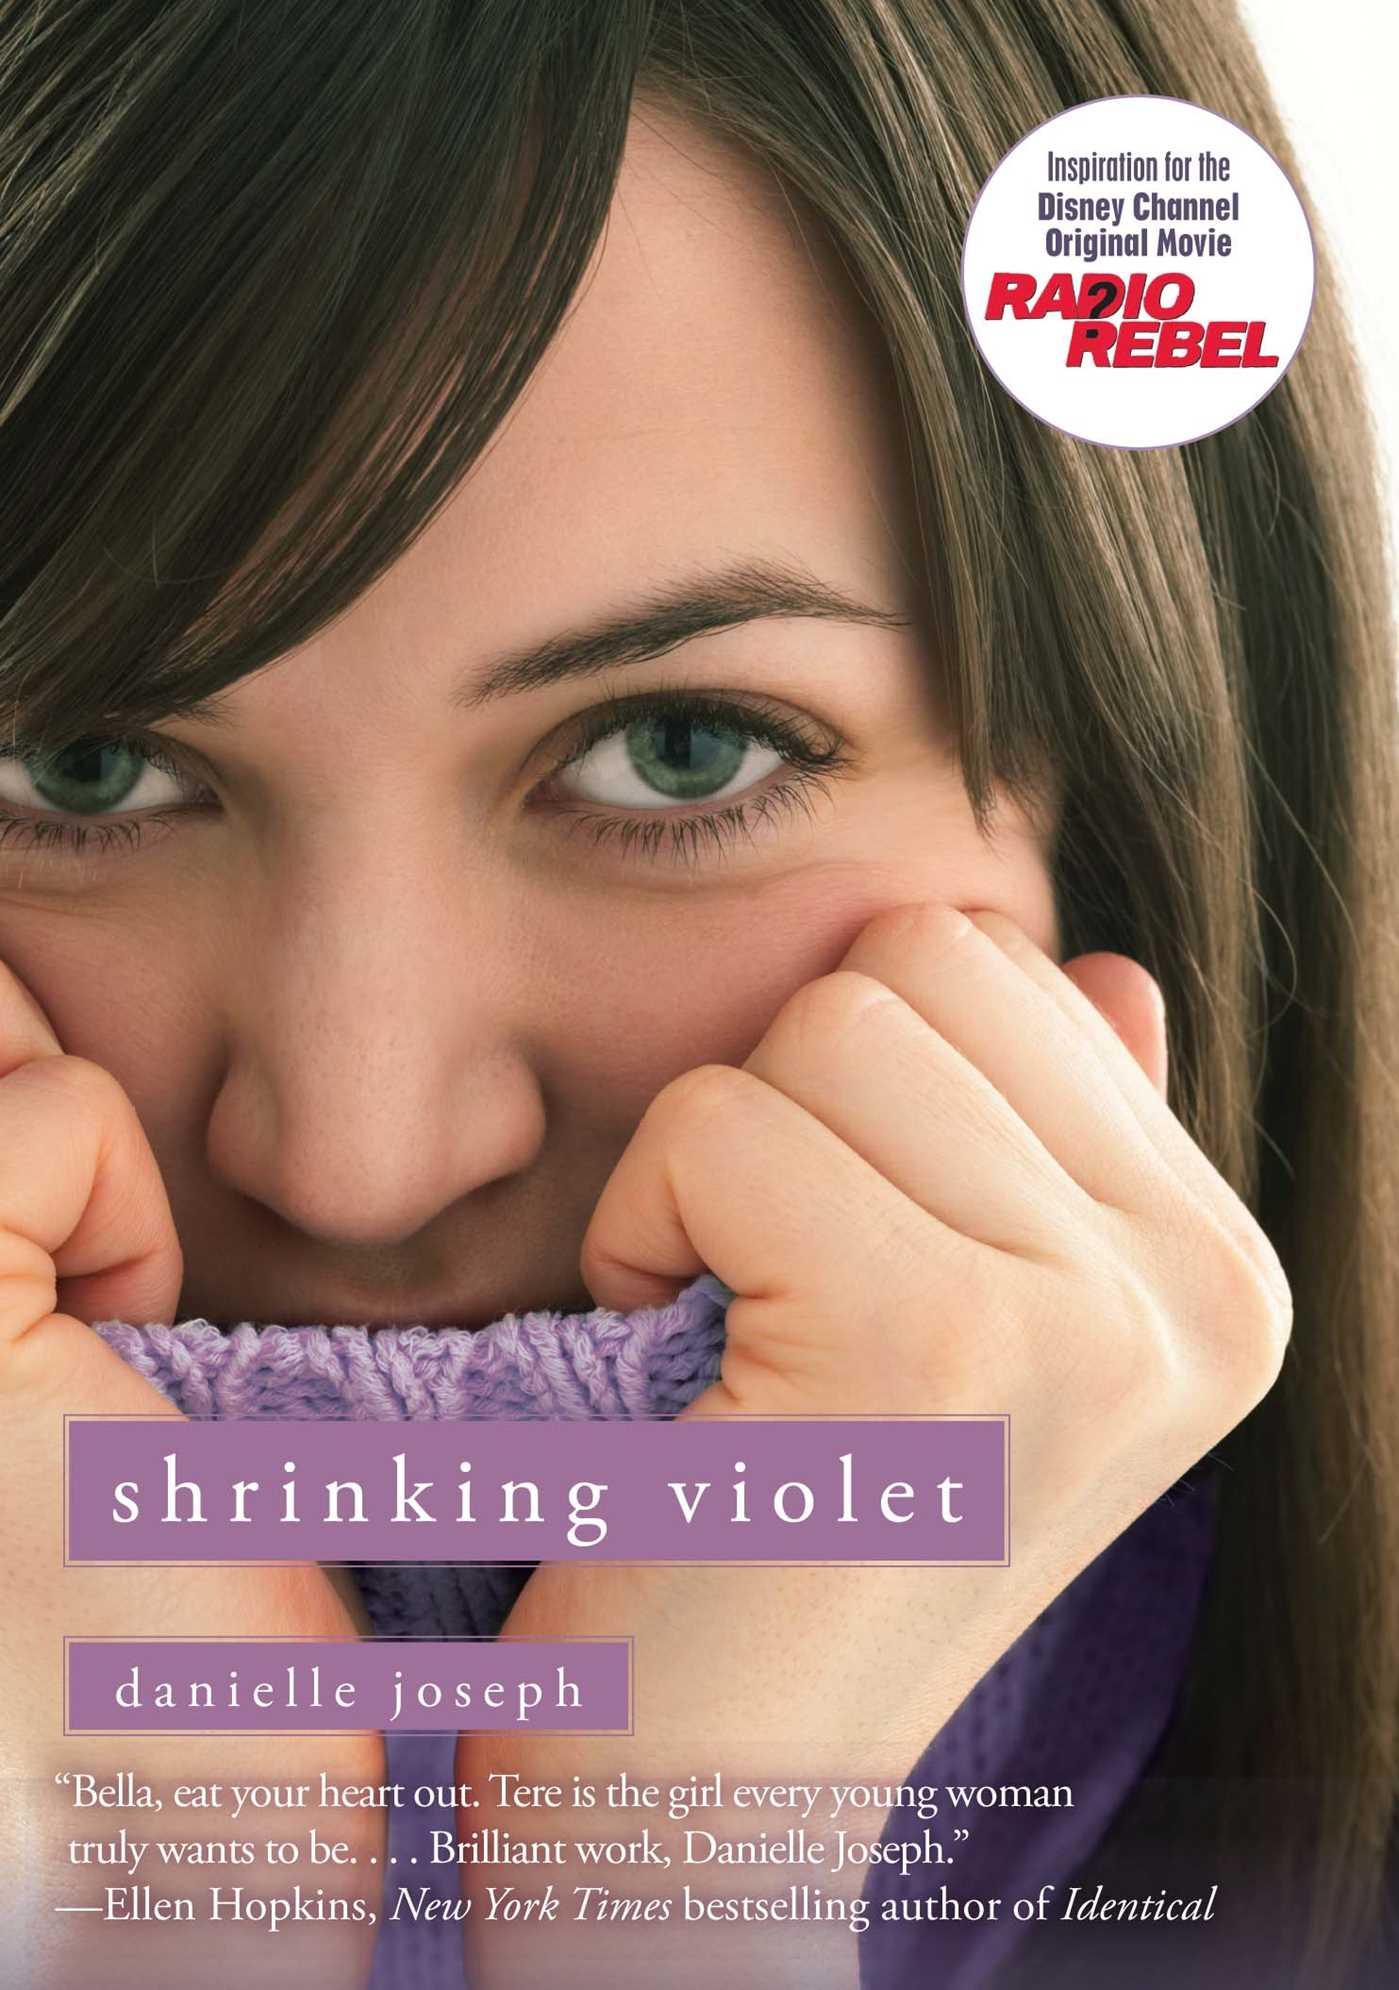 Shrinking violet book summary